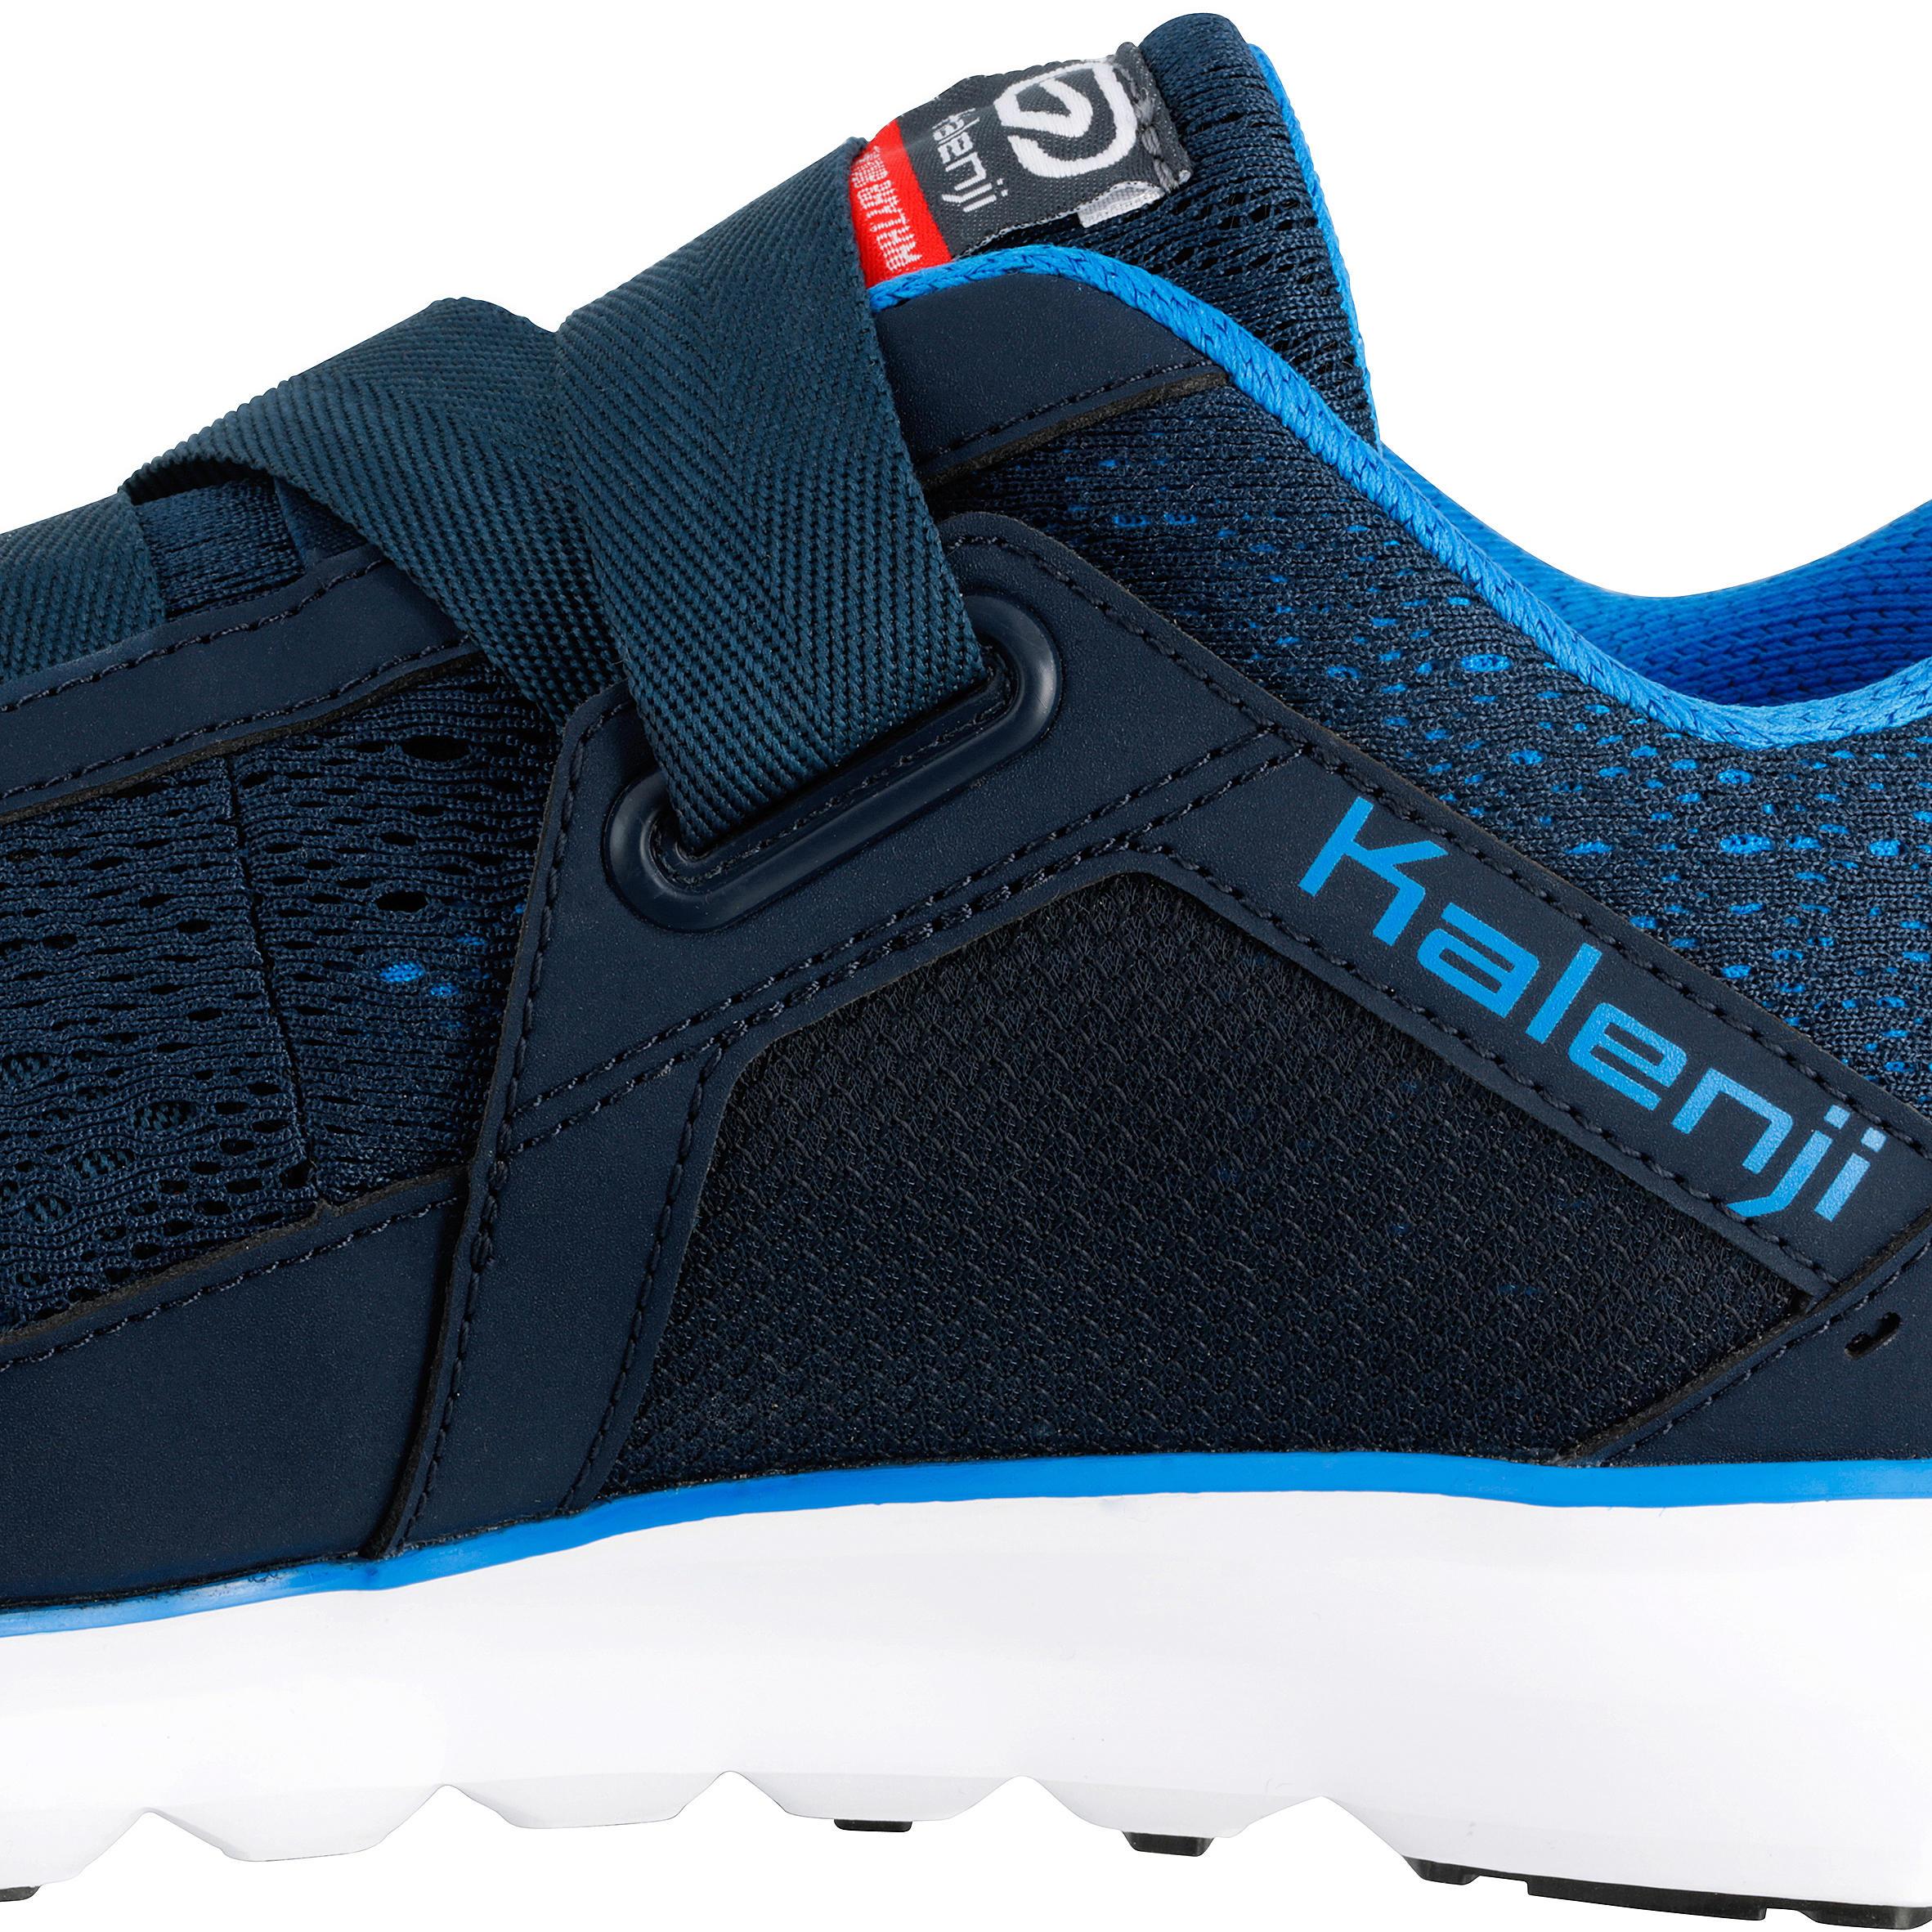 ELIOFEET MEN'S RUNNING SHOES BLUE